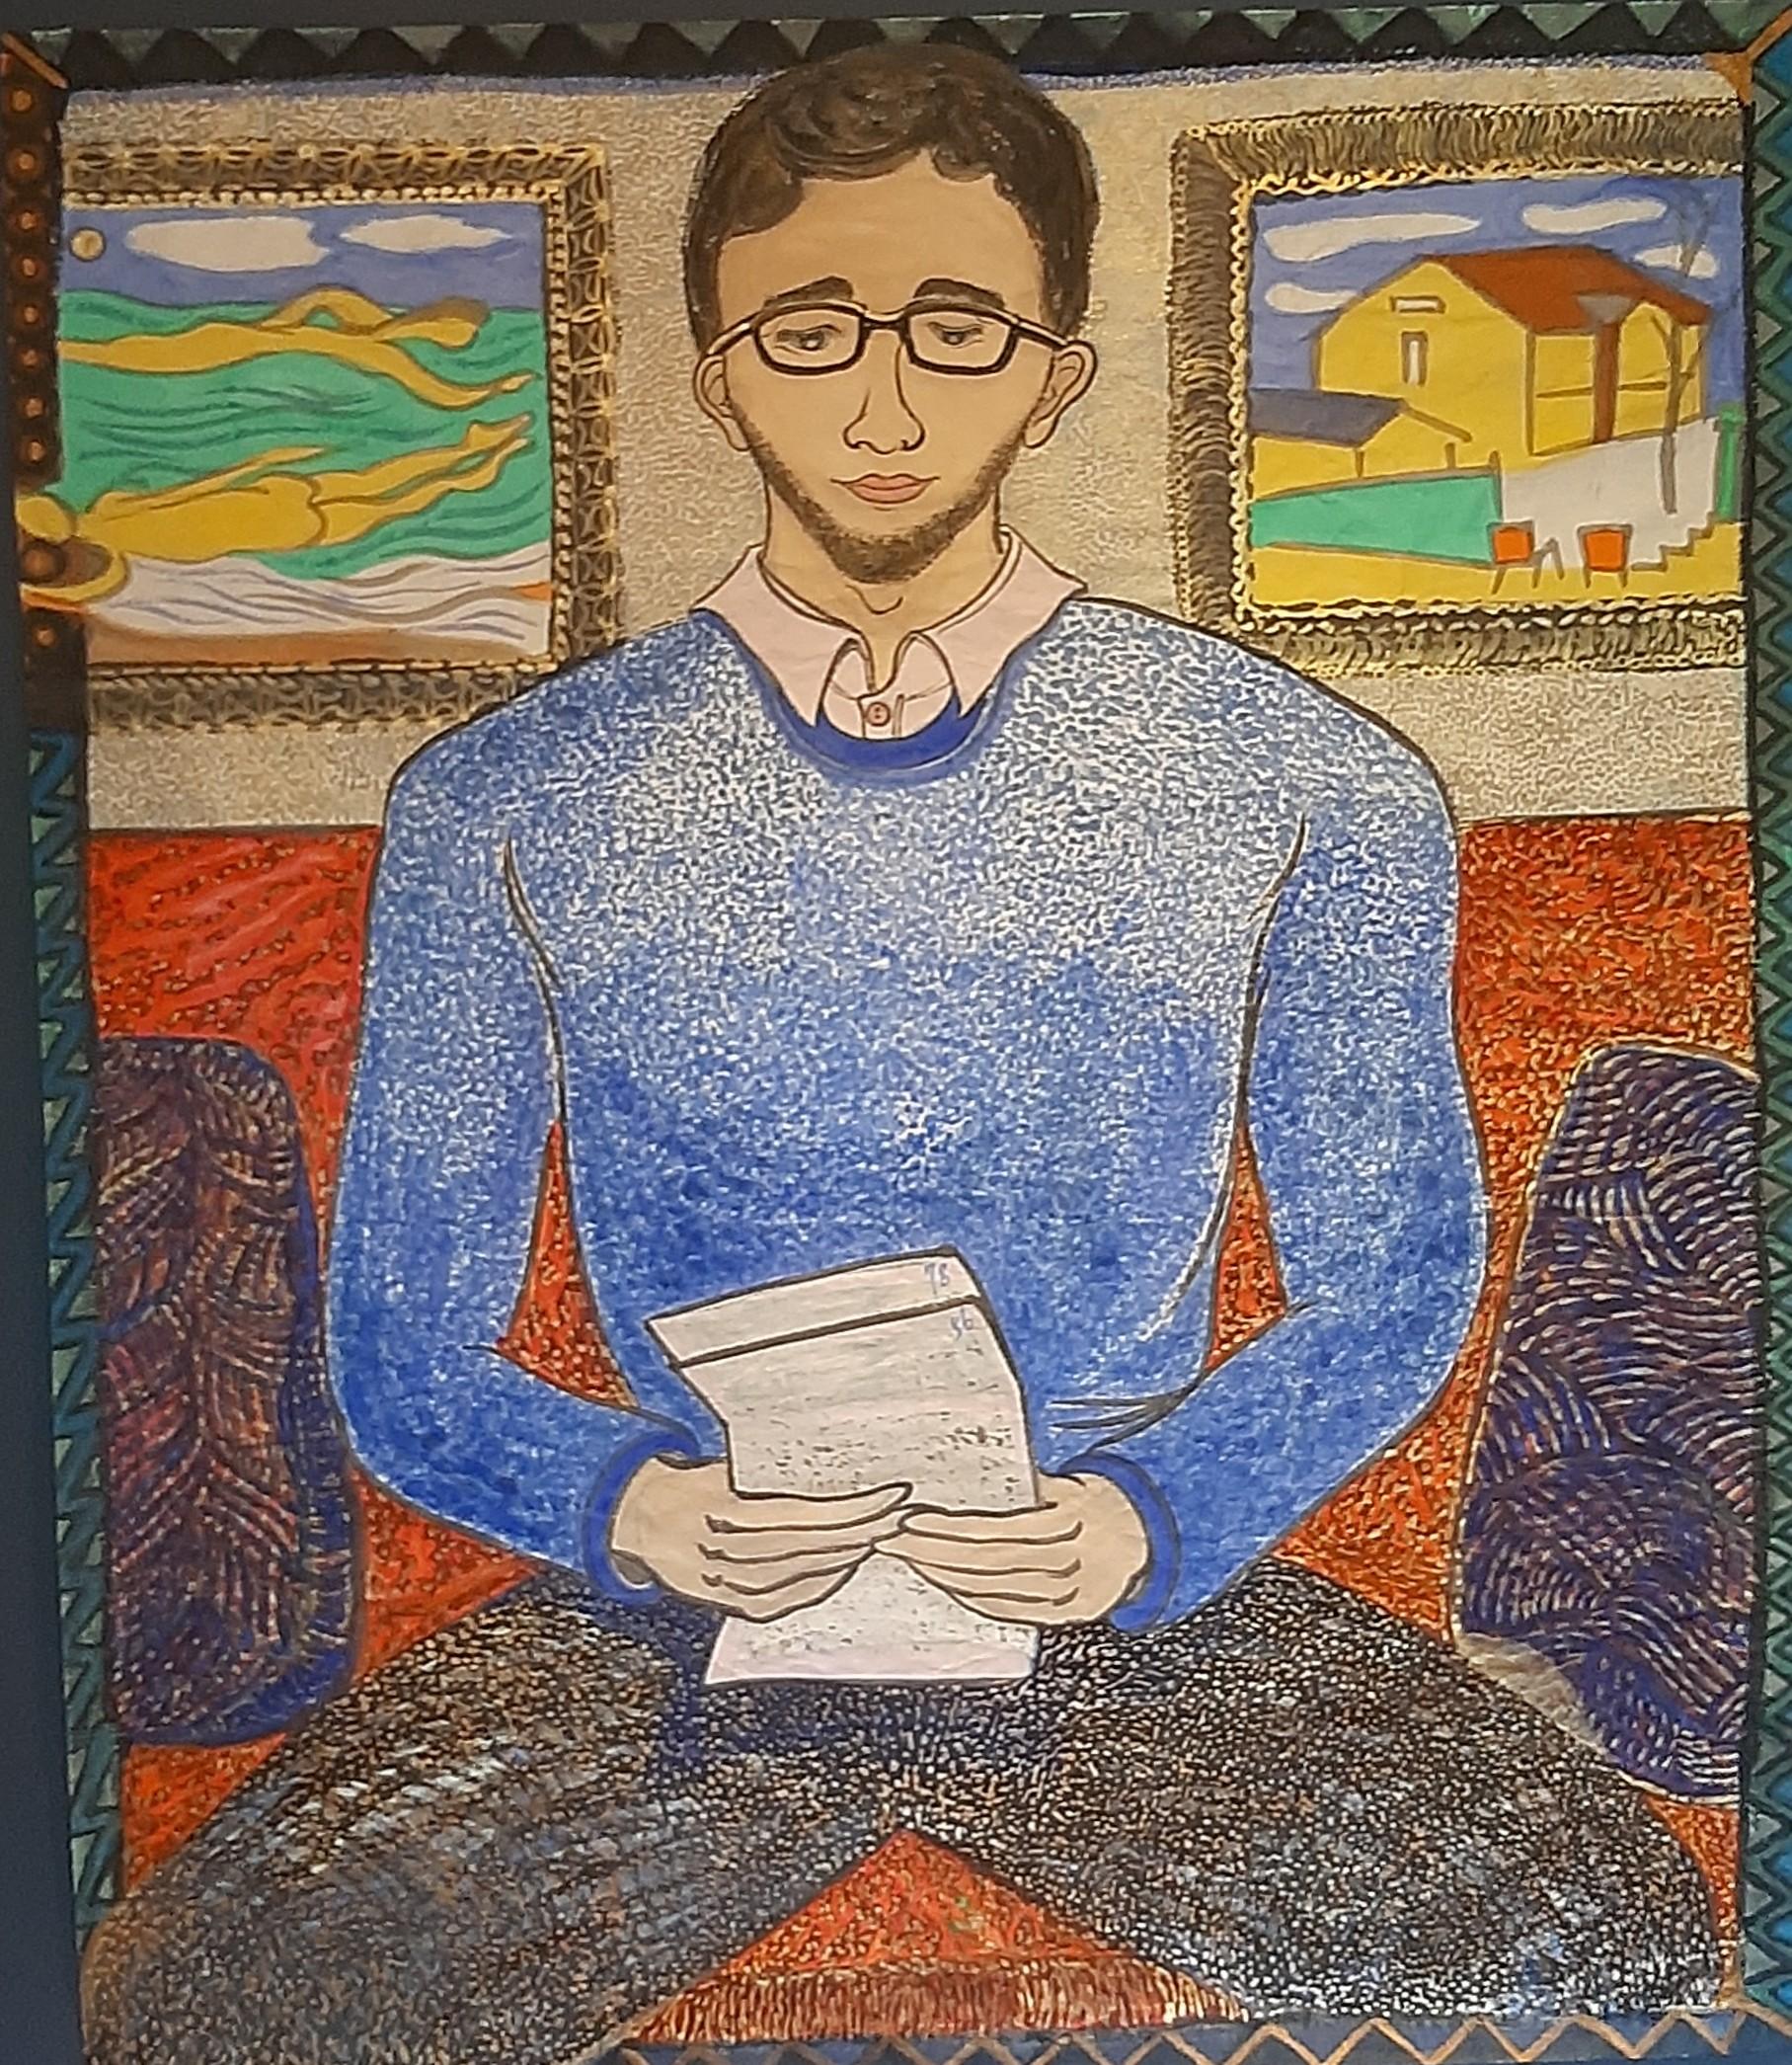 04 Mannen og brevet hans, 157cmx134cm papir og vann-besert pigment